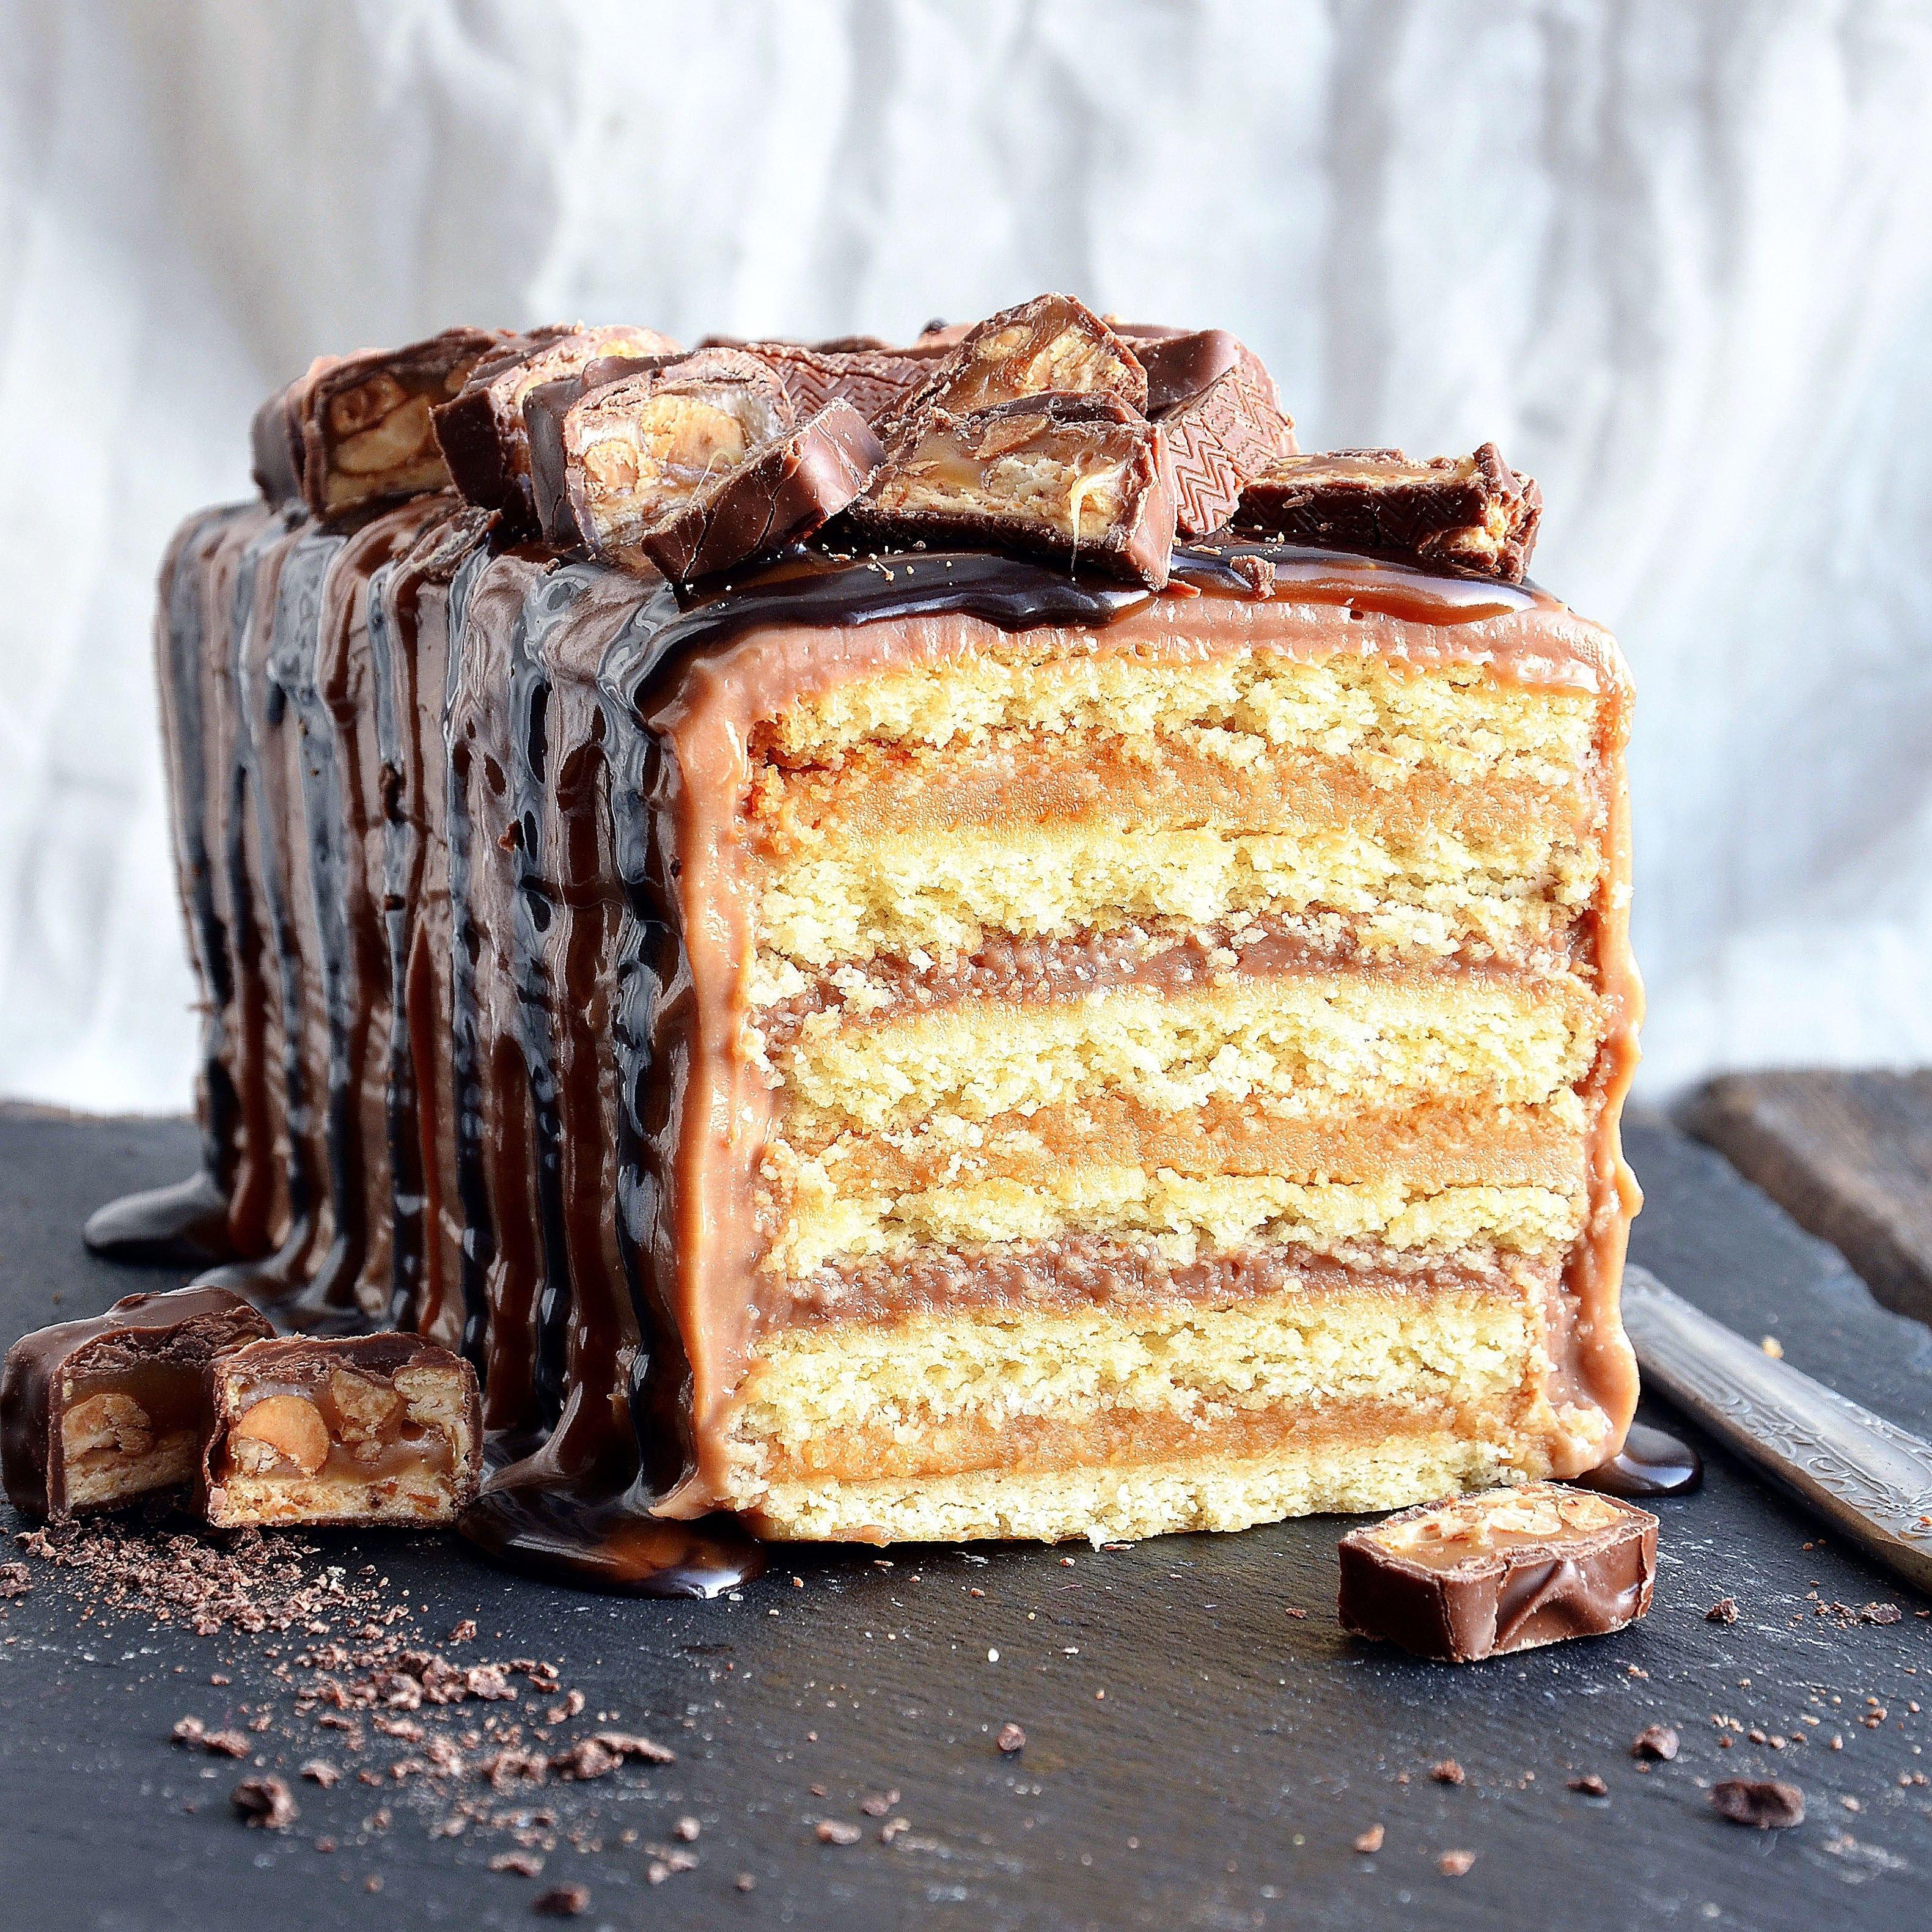 лучшие торты мира рецепты с фото штукатурку под